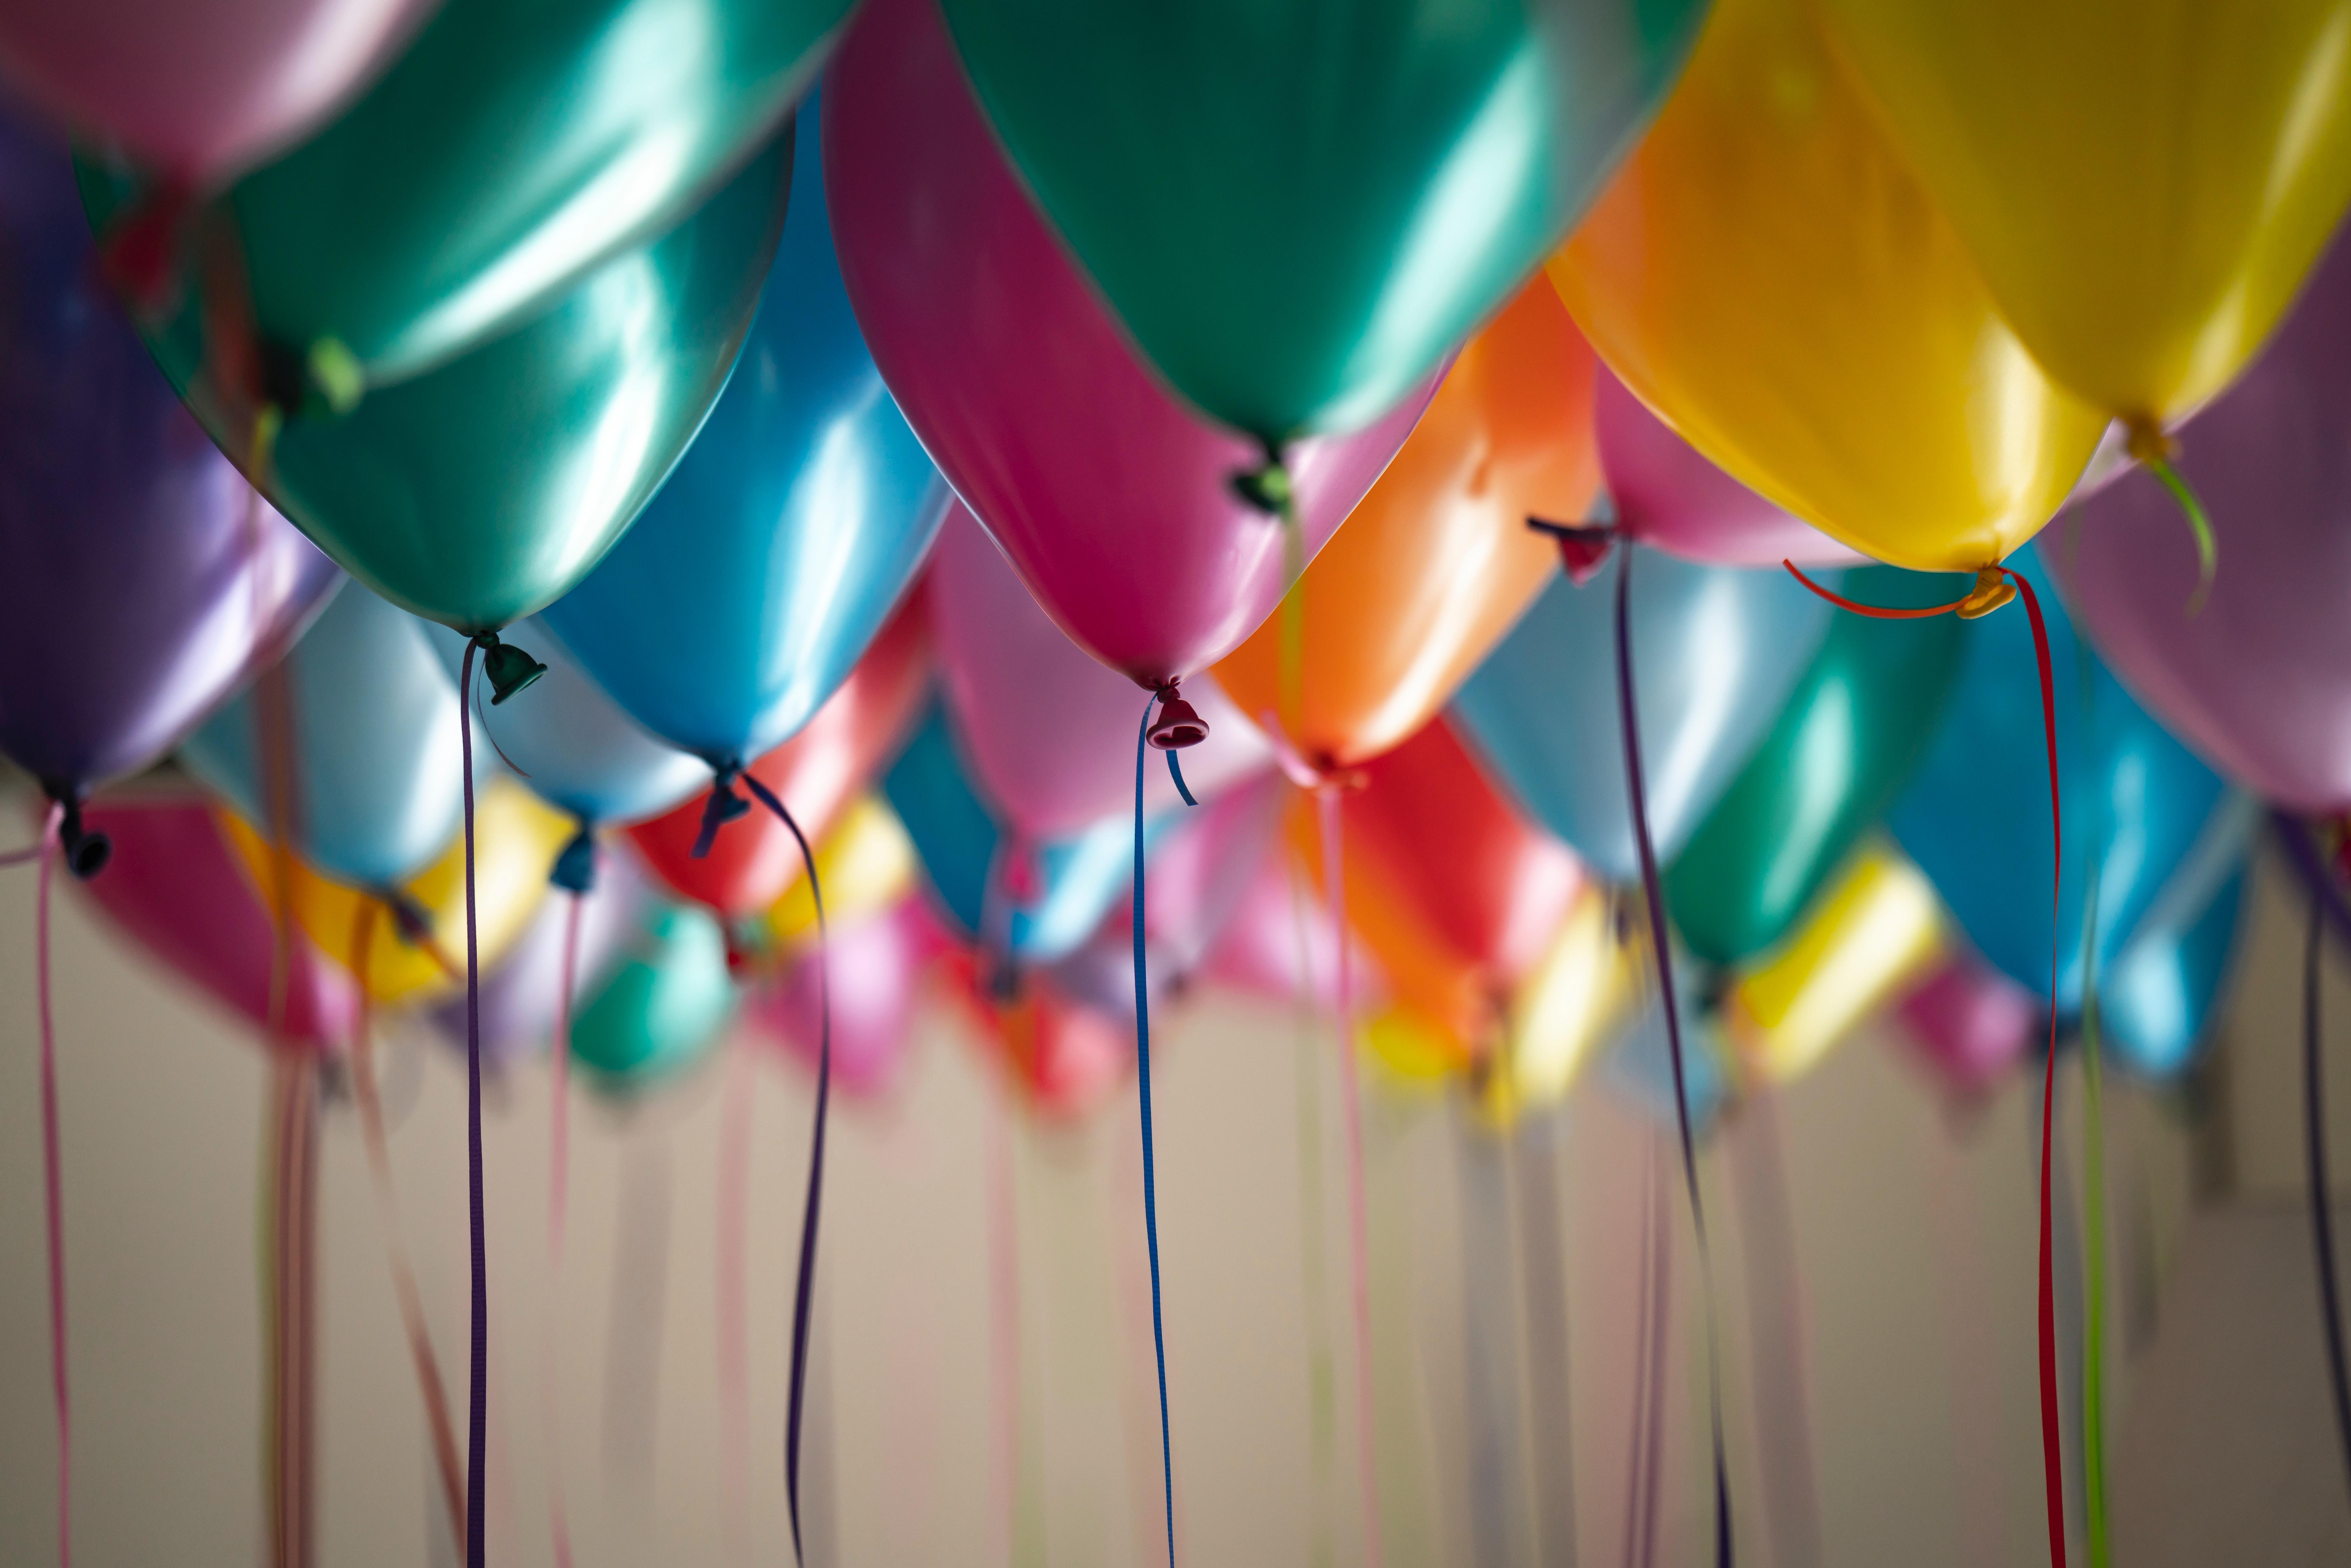 Een verjaardag écht een feestje maken, doe je zo!